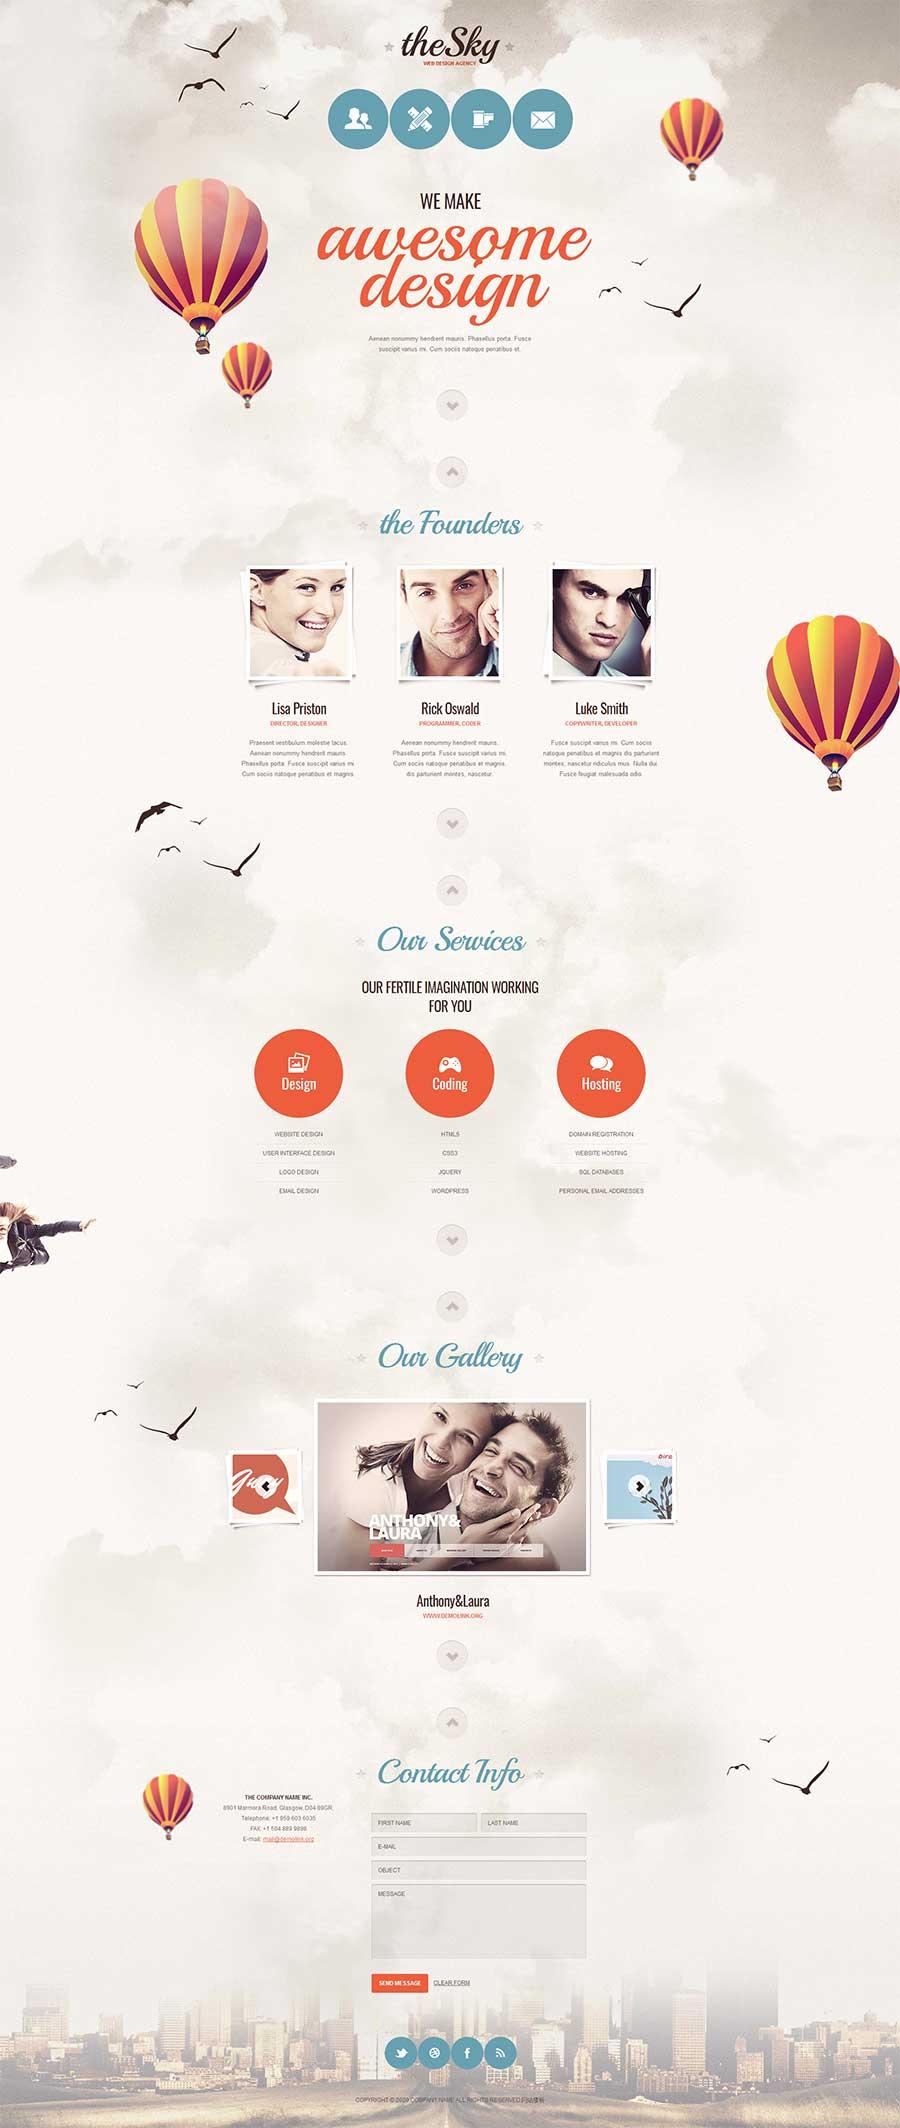 精美创意网页设计师团队工作室主页模板